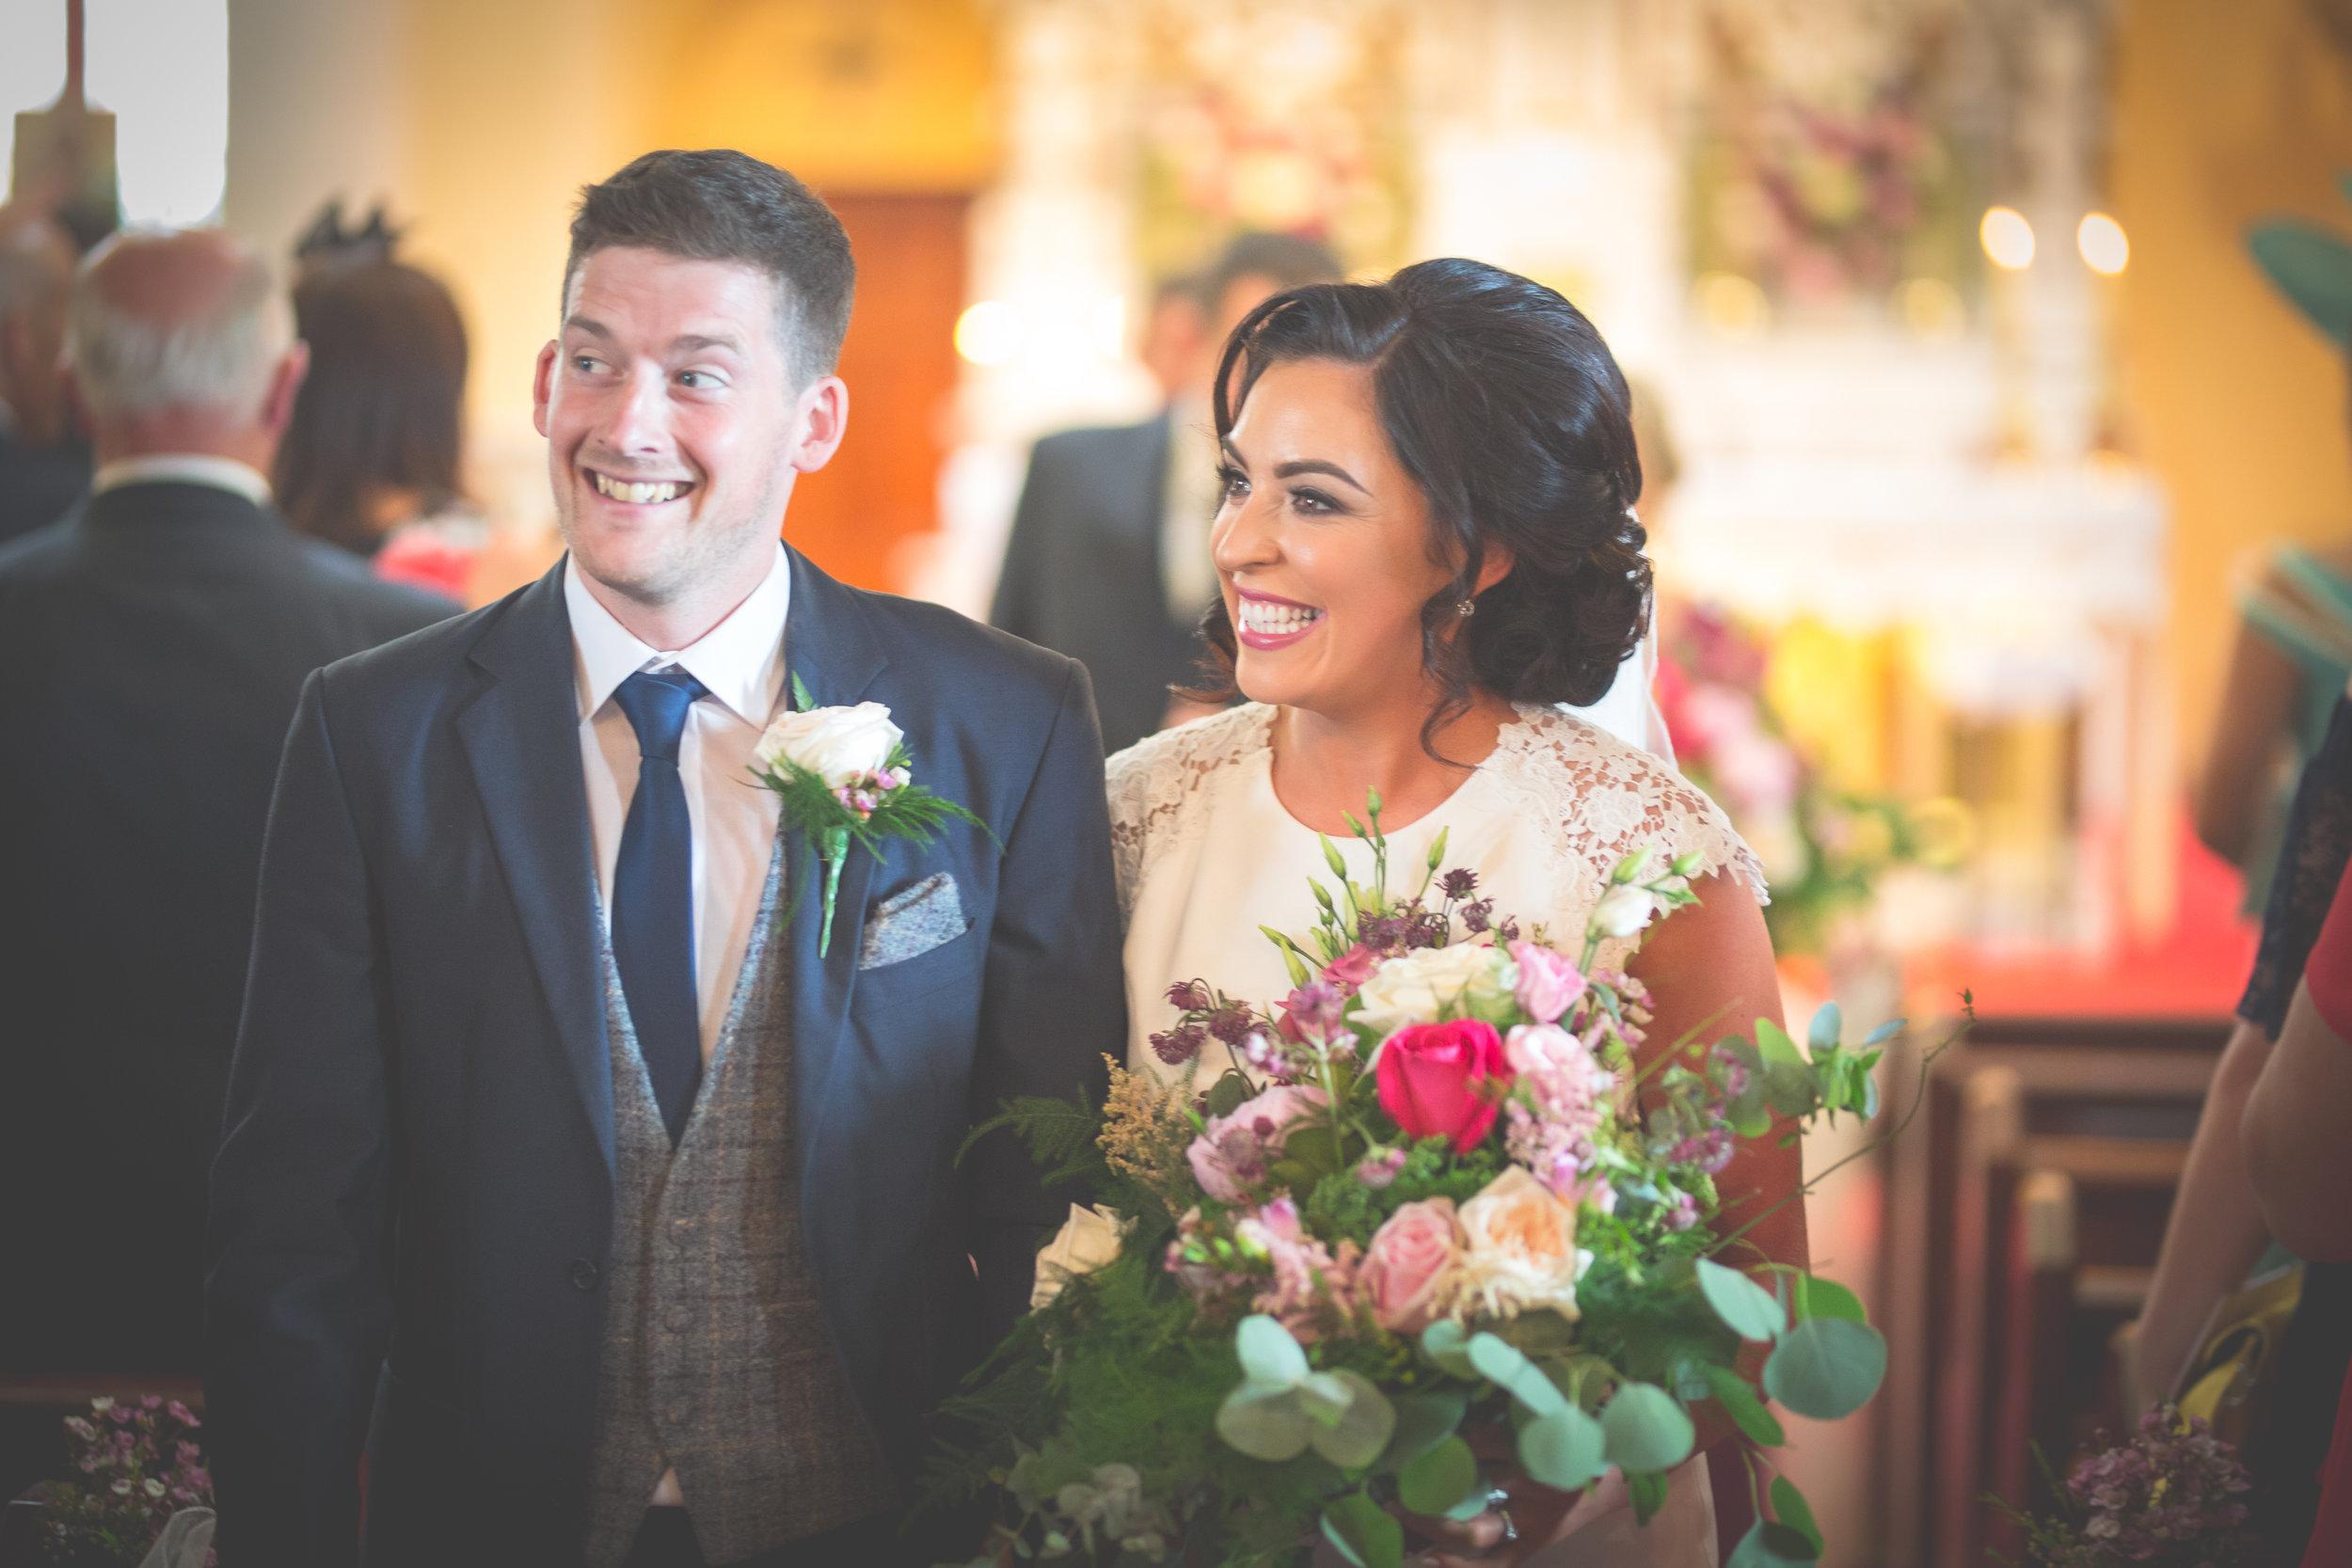 Brian McEwan Wedding Photography   Carol-Anne & Sean   The Ceremony-77.jpg